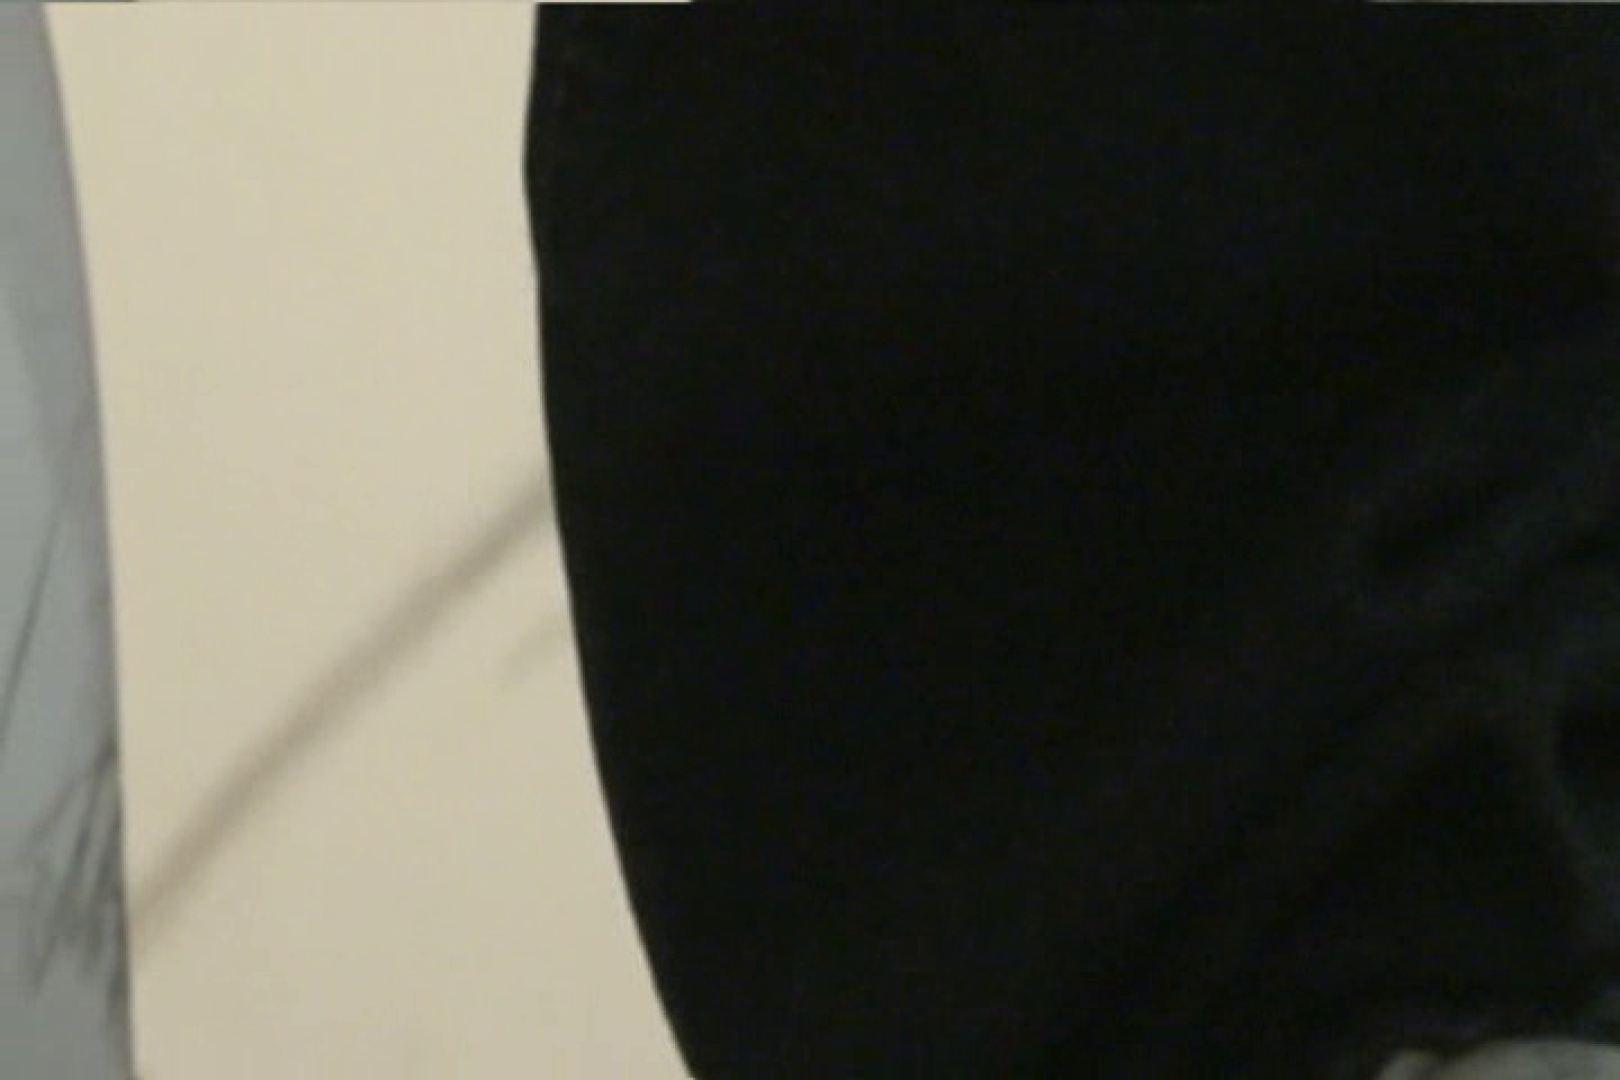 マンコ丸見え女子洗面所Vol.25 マンコ SEX無修正画像 84枚